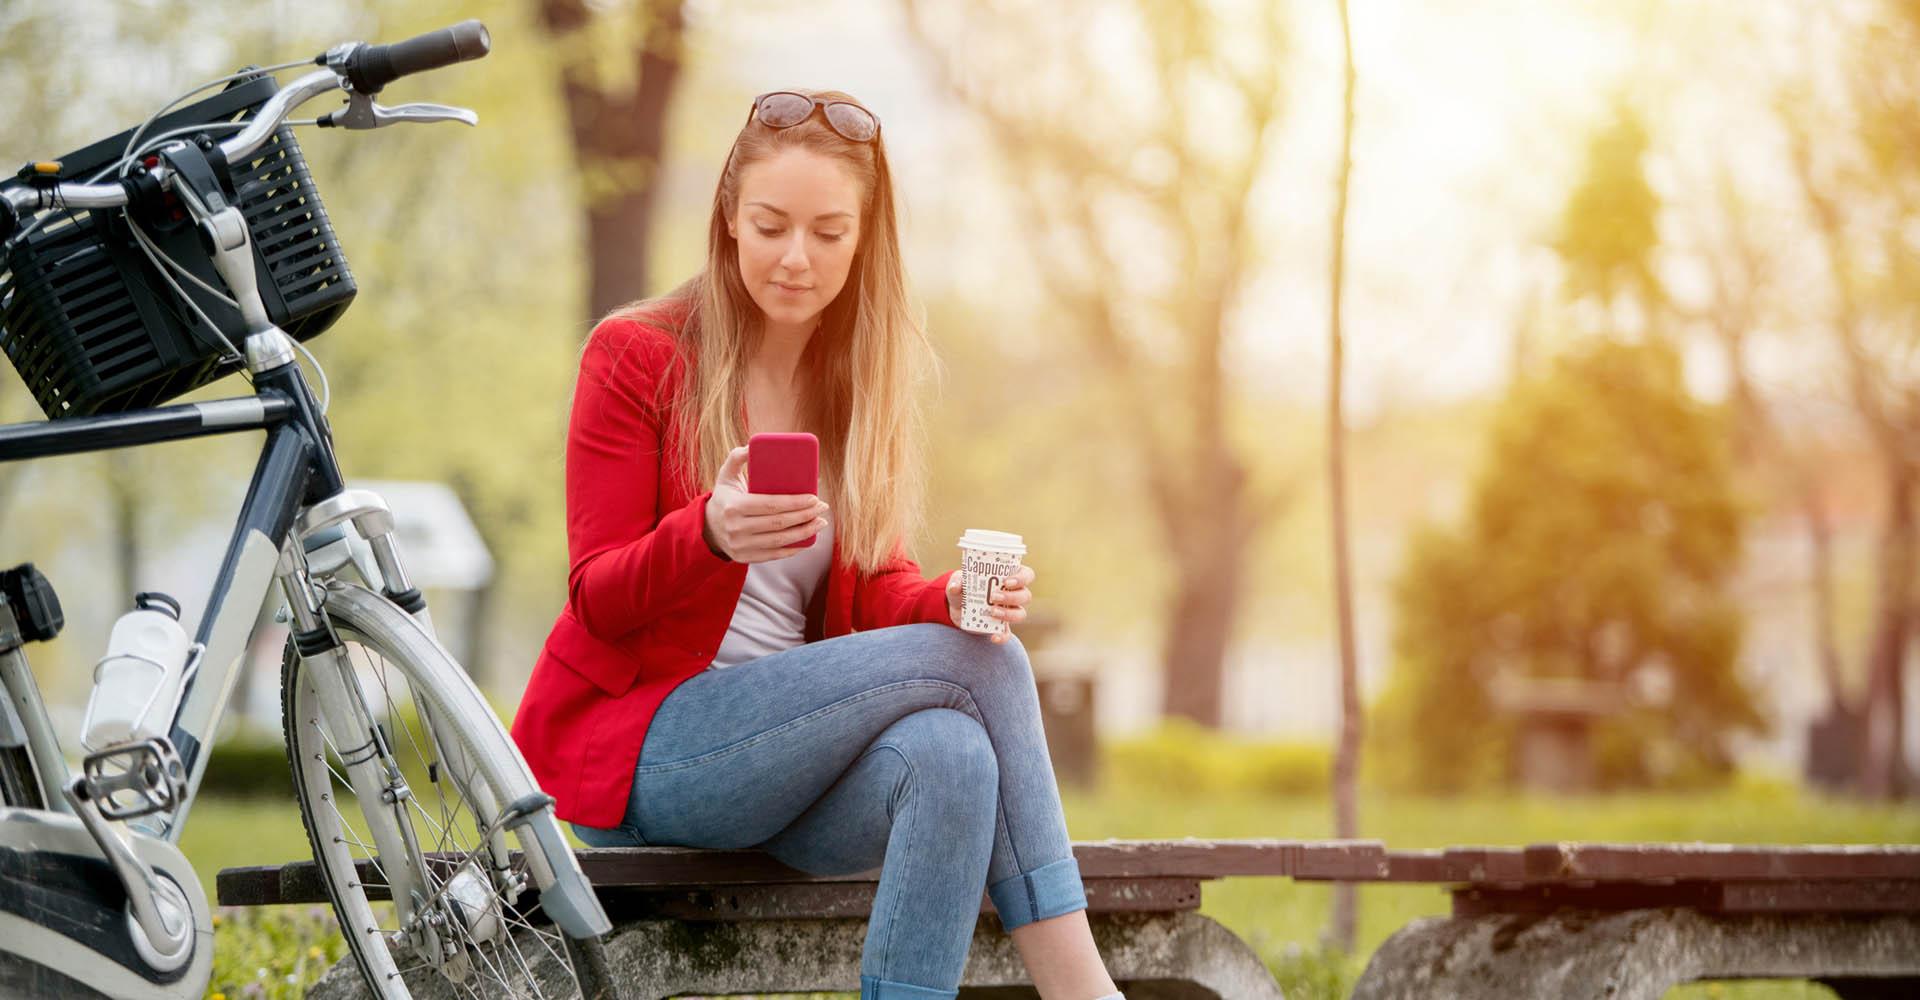 Junge Frau öffnet am Smartphone die Entwickleroptionen.